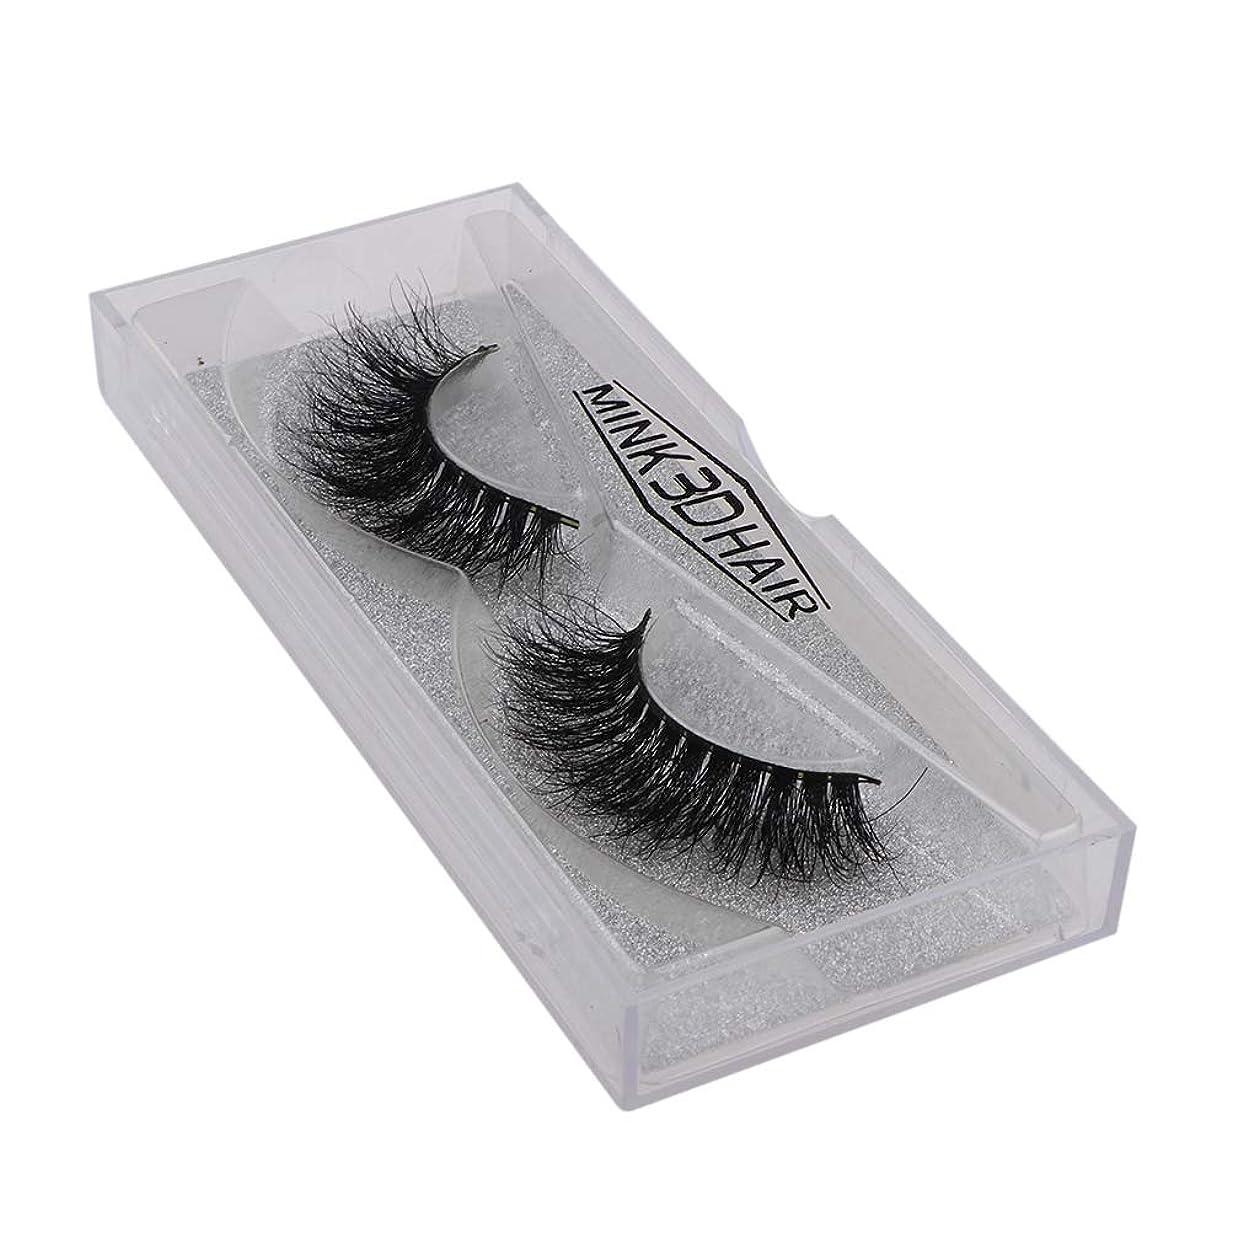 大邸宅中級Perfeclan つけまつげ つけまつ毛 再使用可能な 合成繊維 柔らかい ふわふわ 3D 長く太い 全3サイズ - 112x50x16mm